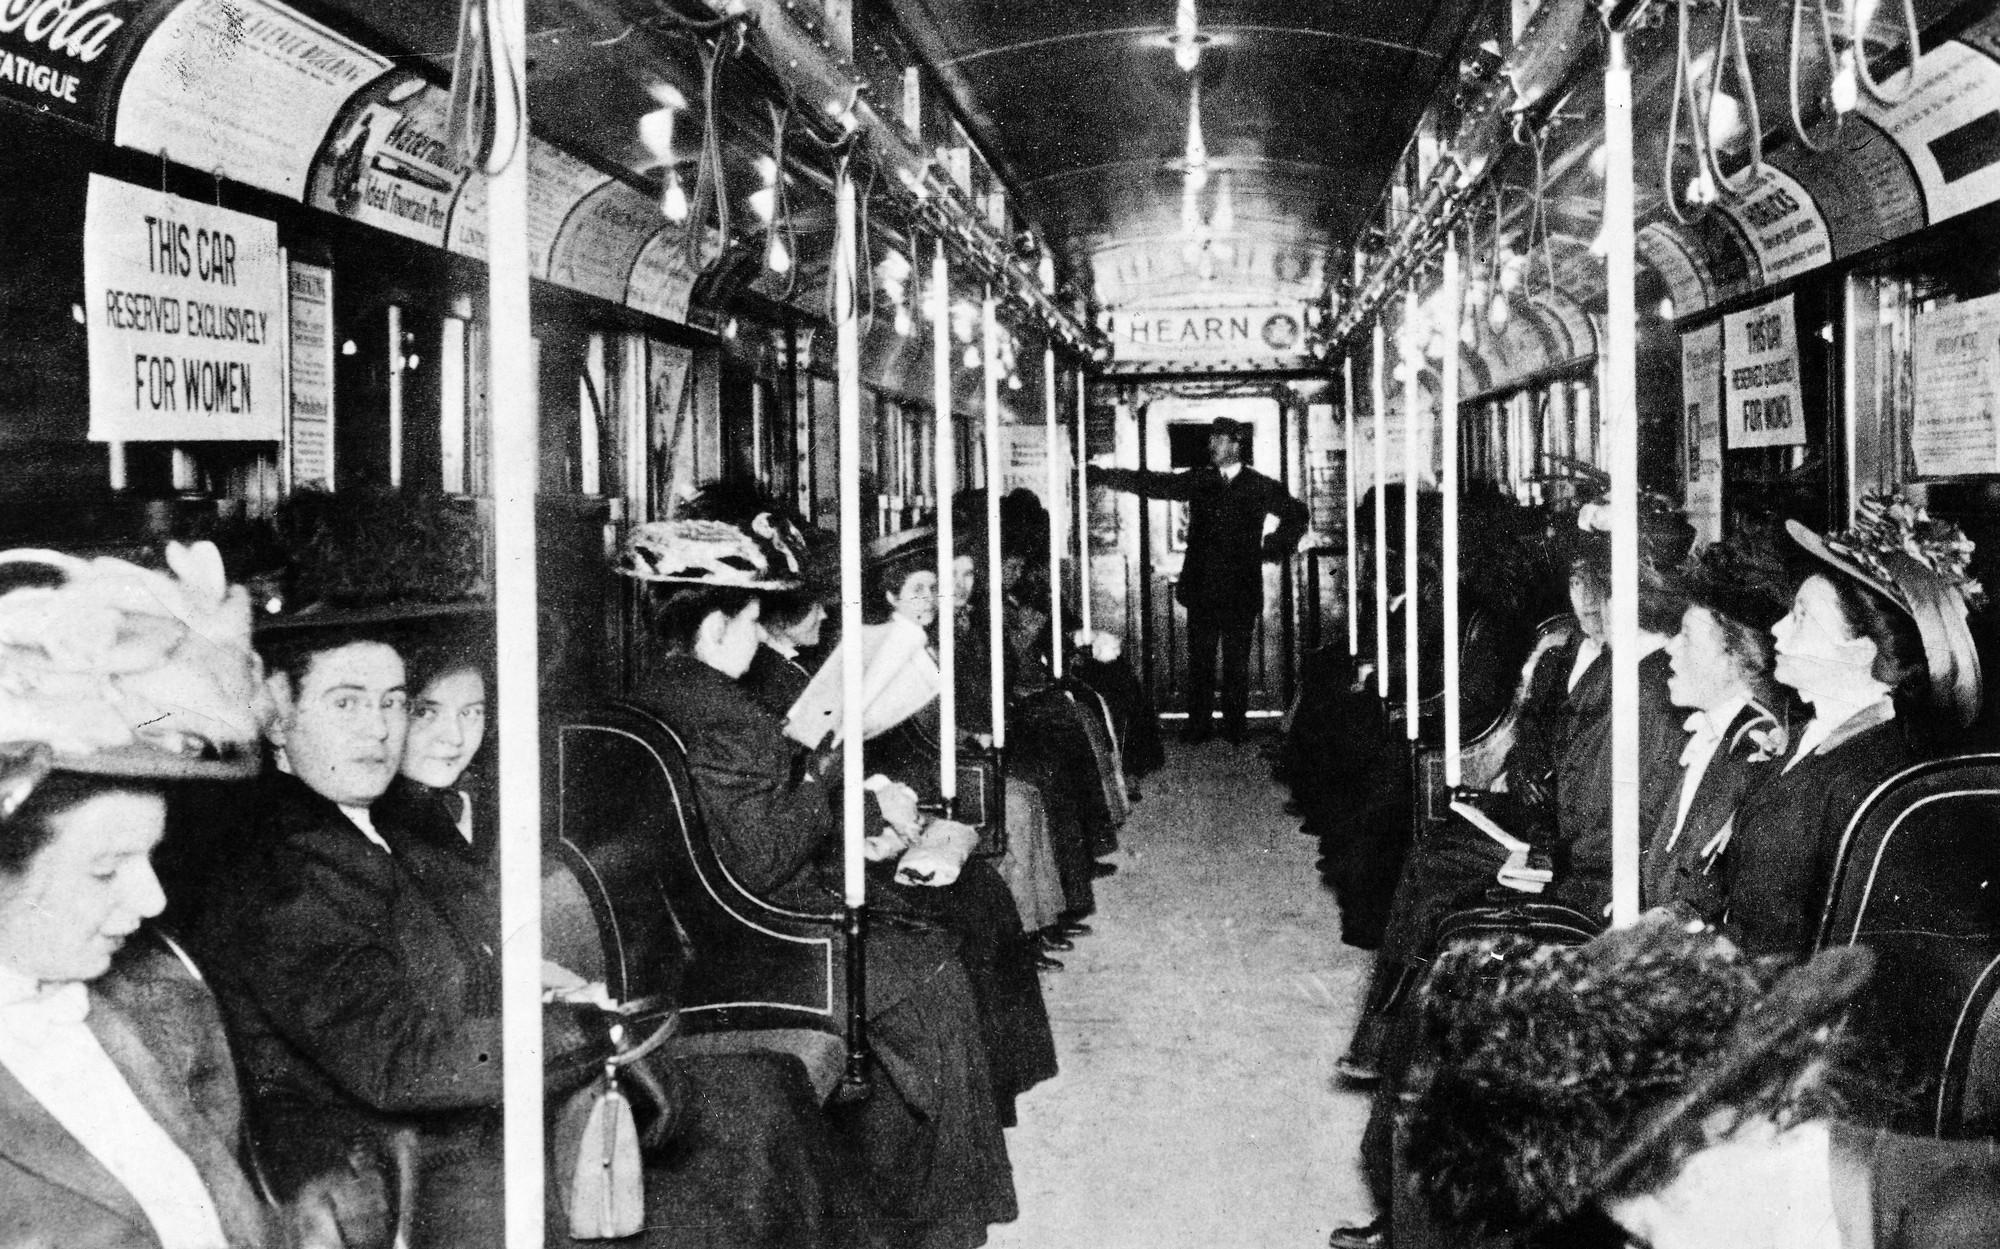 1919. New York City földalatti, kizárólag hölgyek részére kijelölt kocsi..jpg